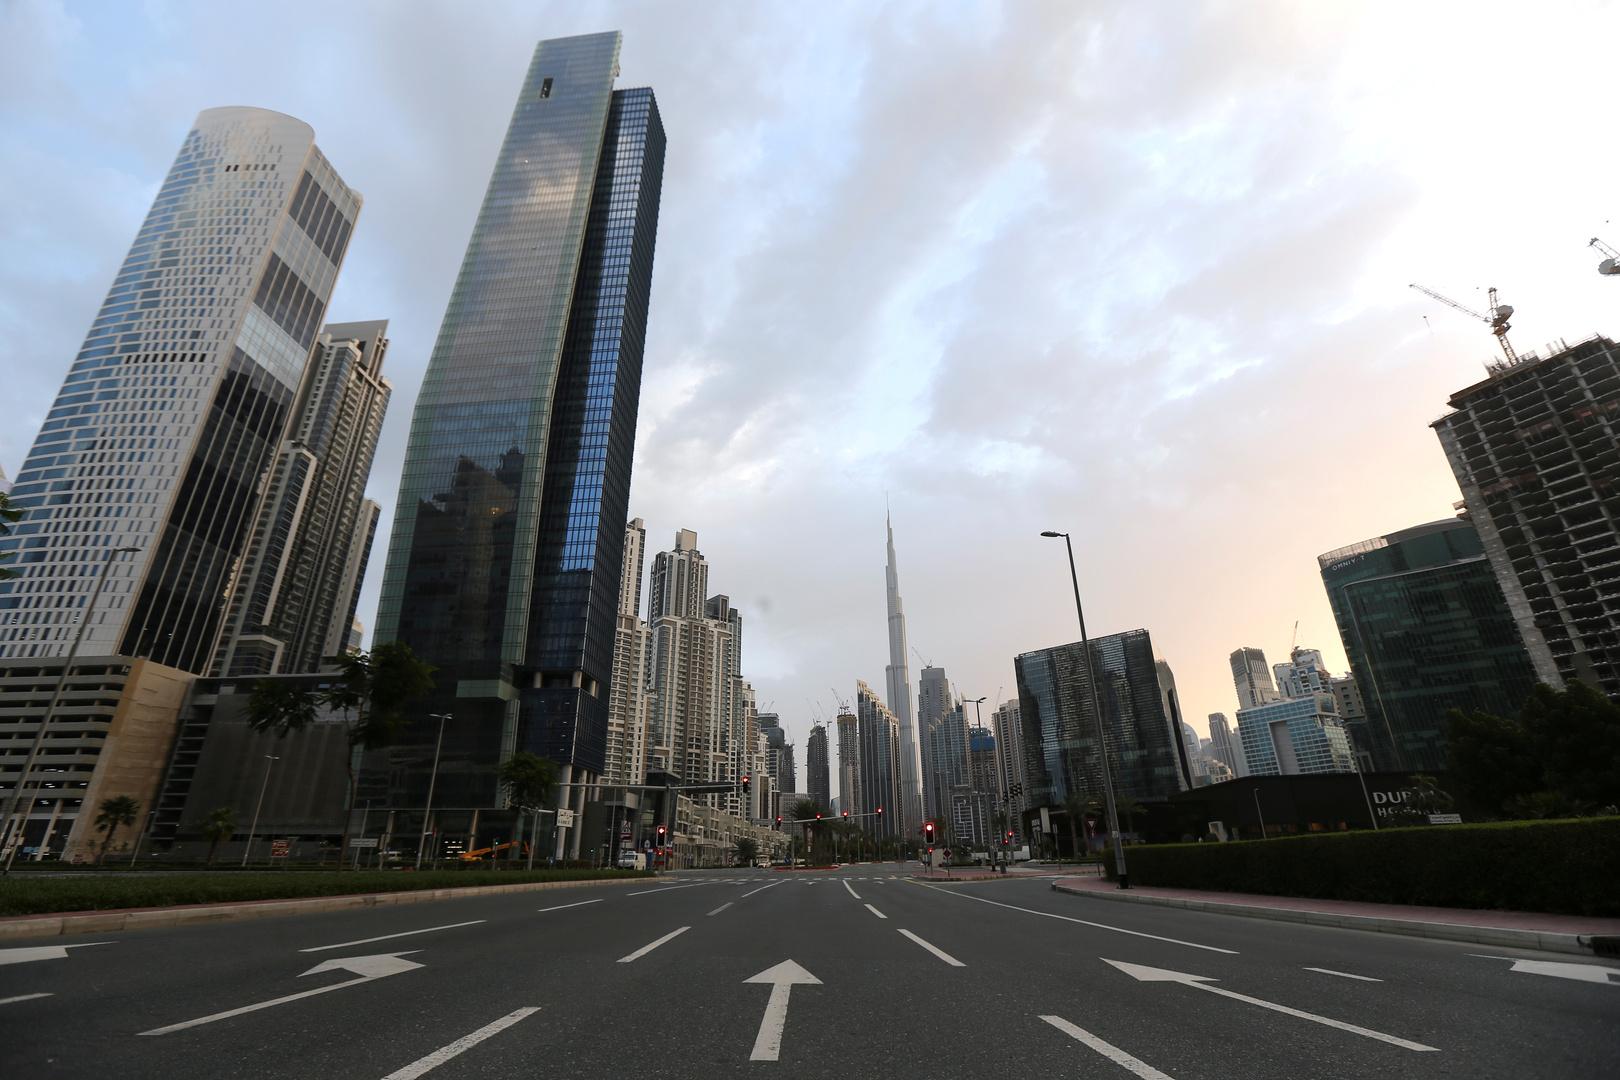 بورصات الإمارات تتصدر قائمة الأسواق العربية المتضررة بتأثير كورونا